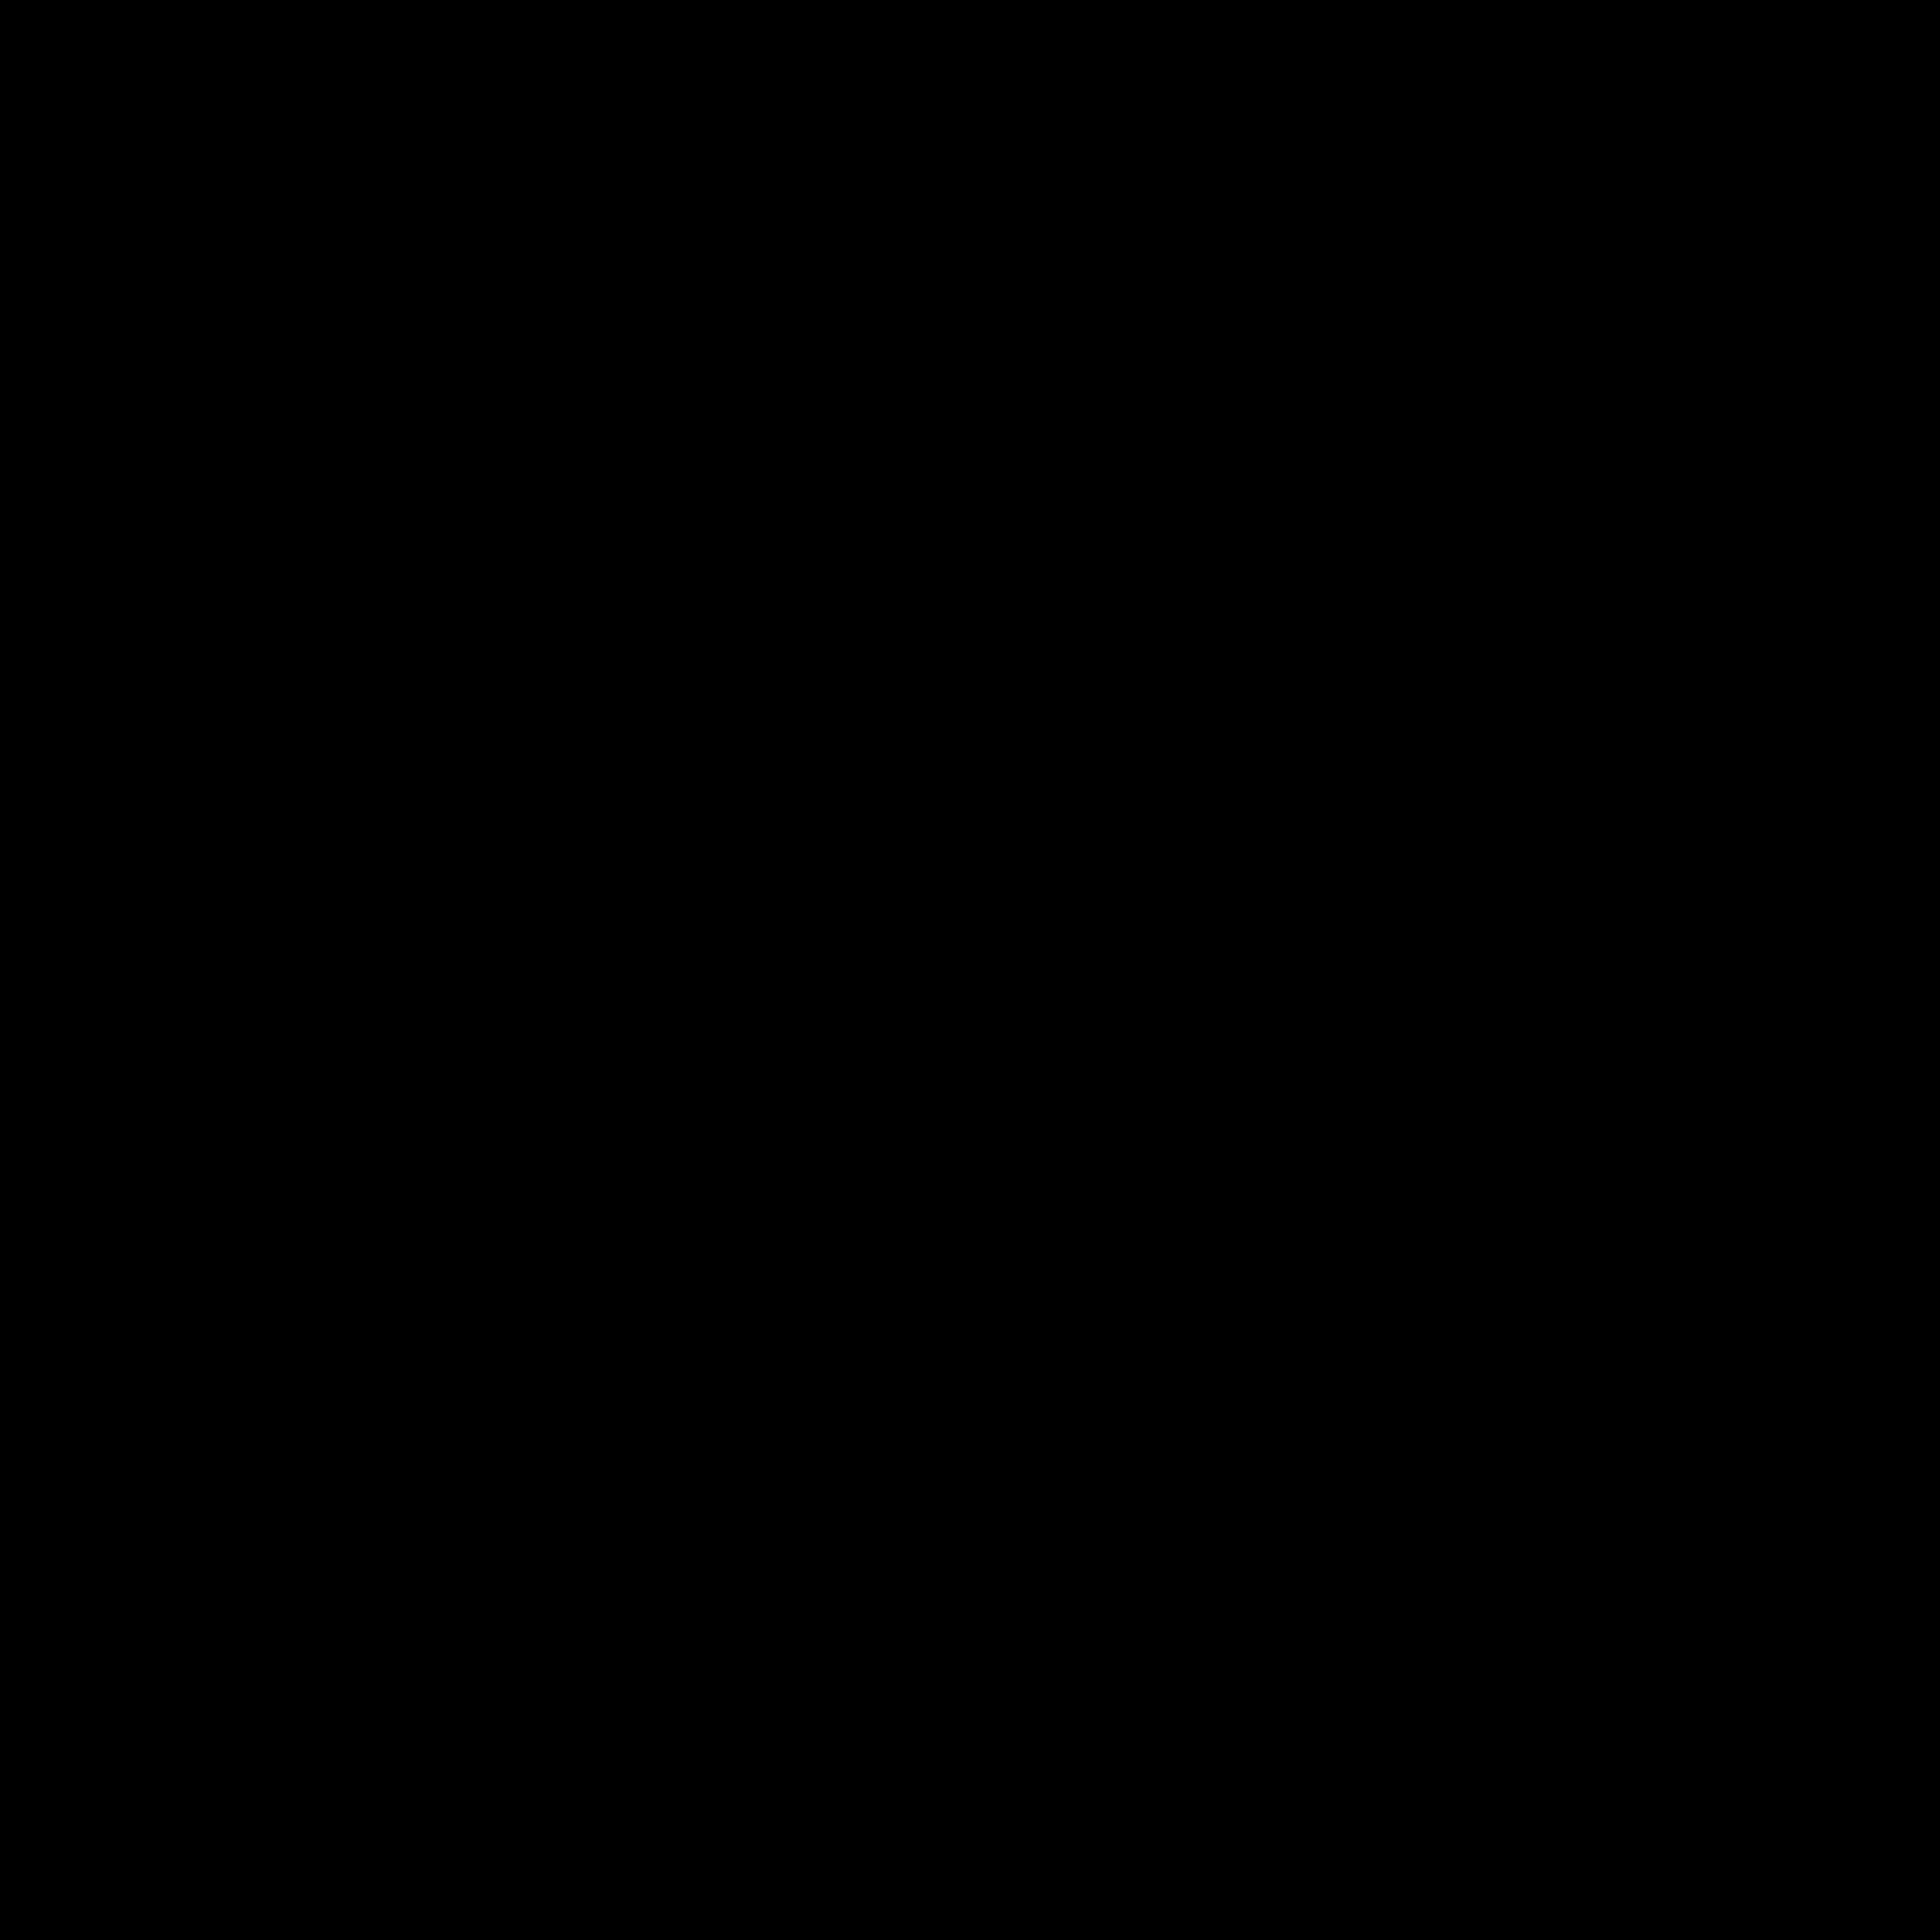 Naklejka na ścianę kotwica kontur